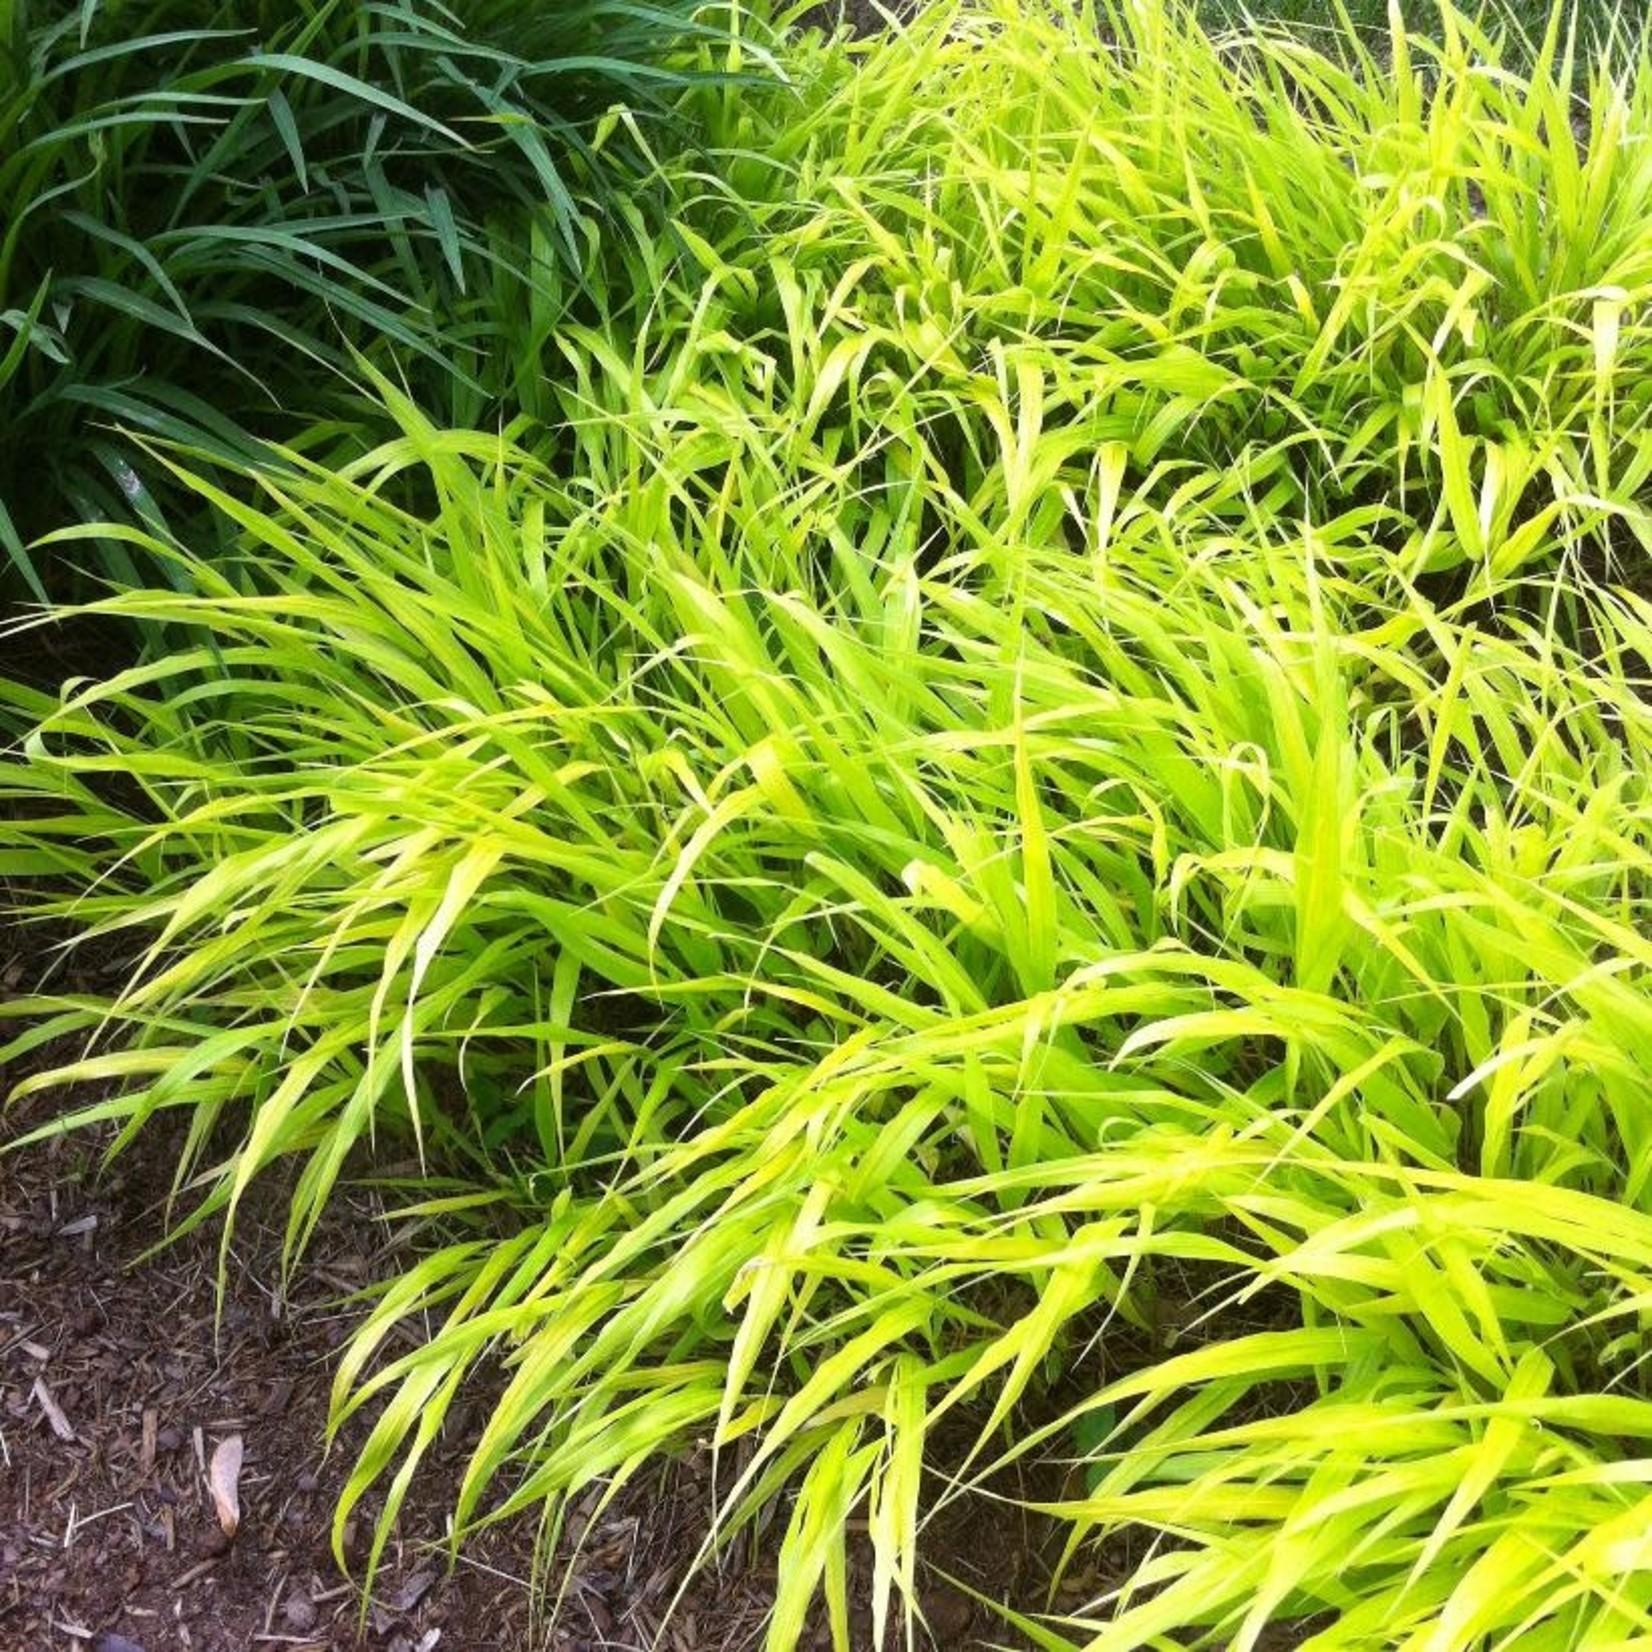 Japanese Forest Grass - hakonechloa 'all gold' - 1 gal